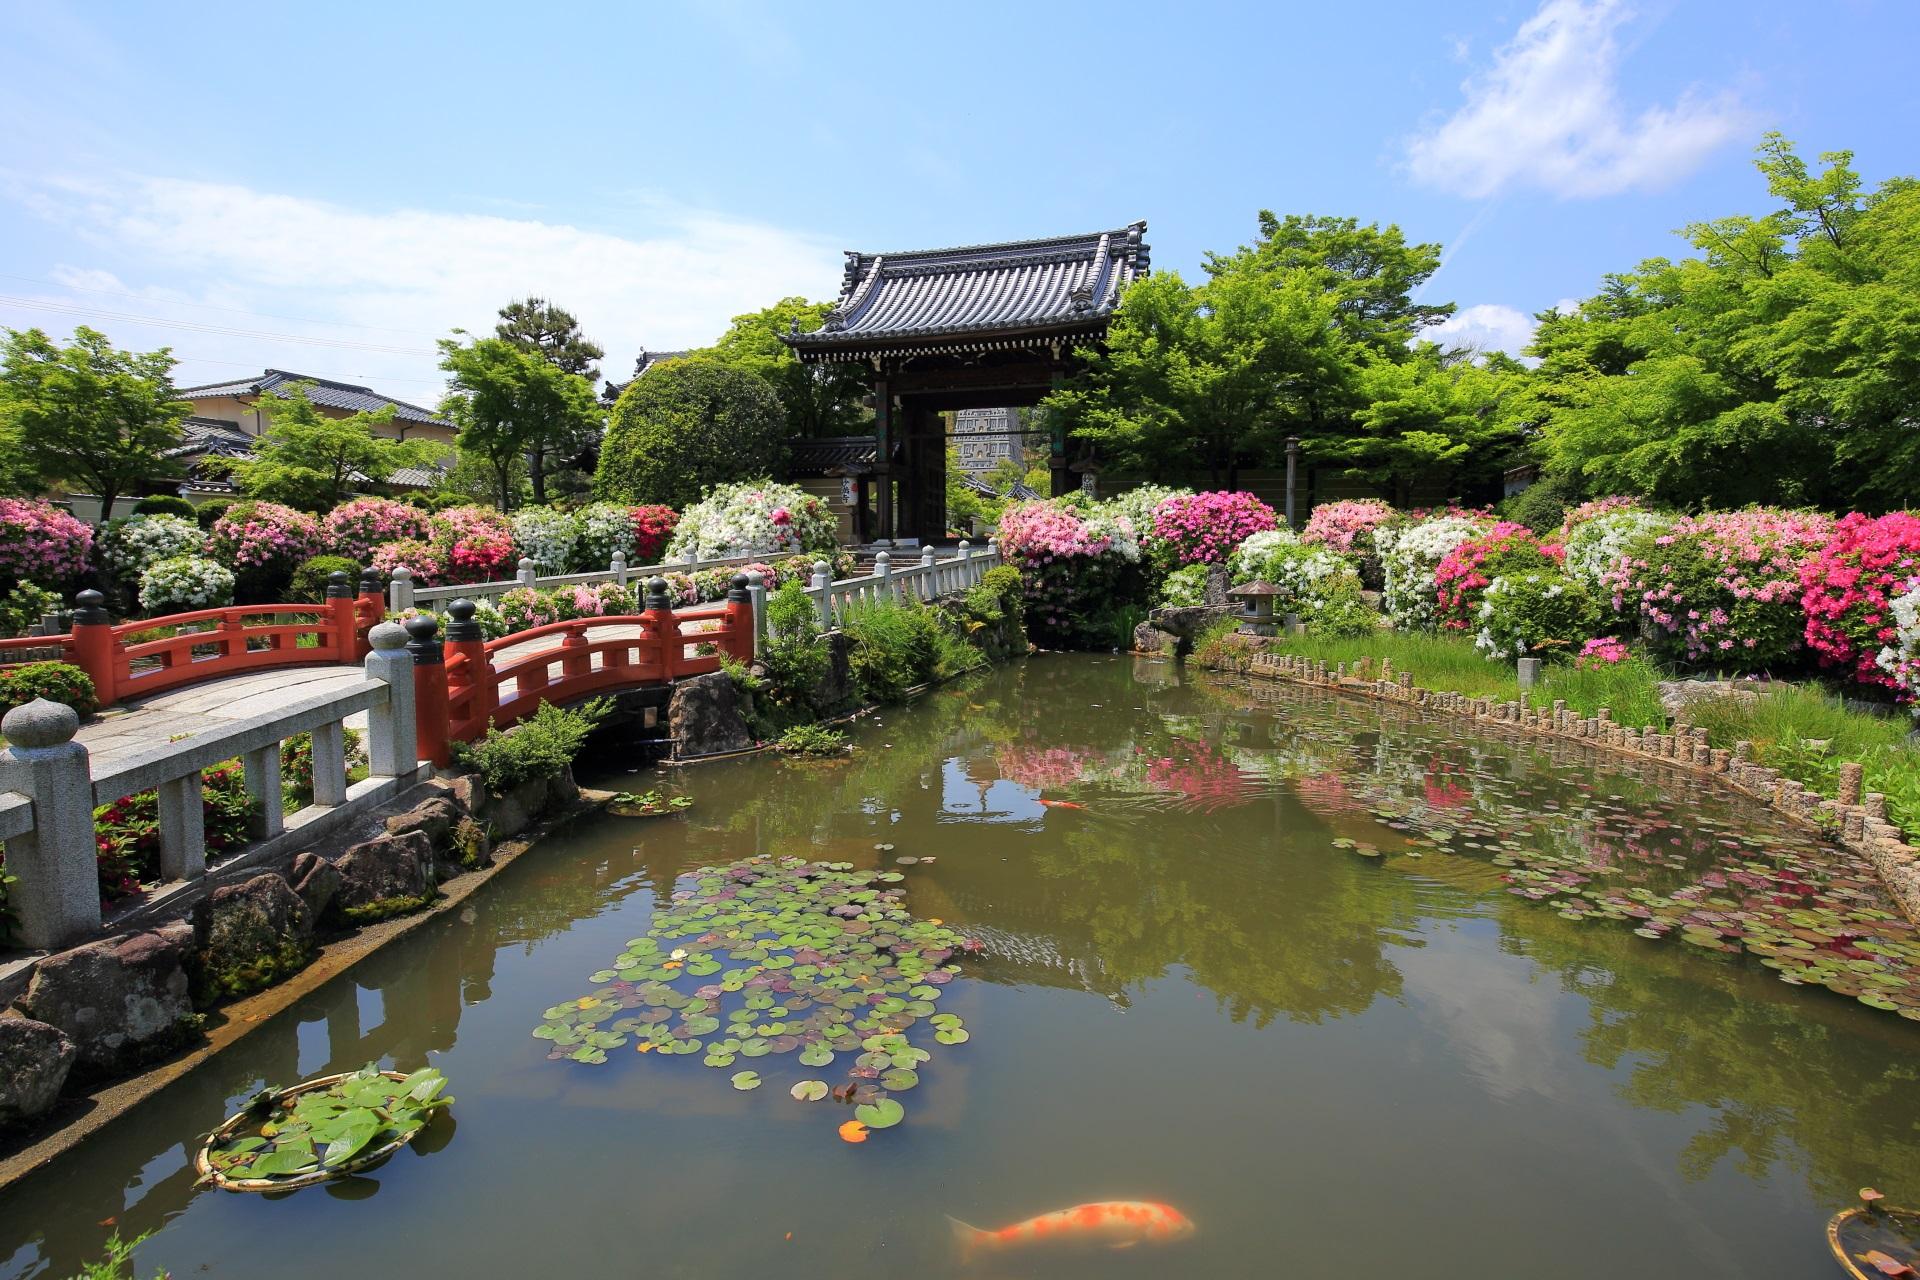 ツツジに彩られる山門前の池と泳ぐ鯉